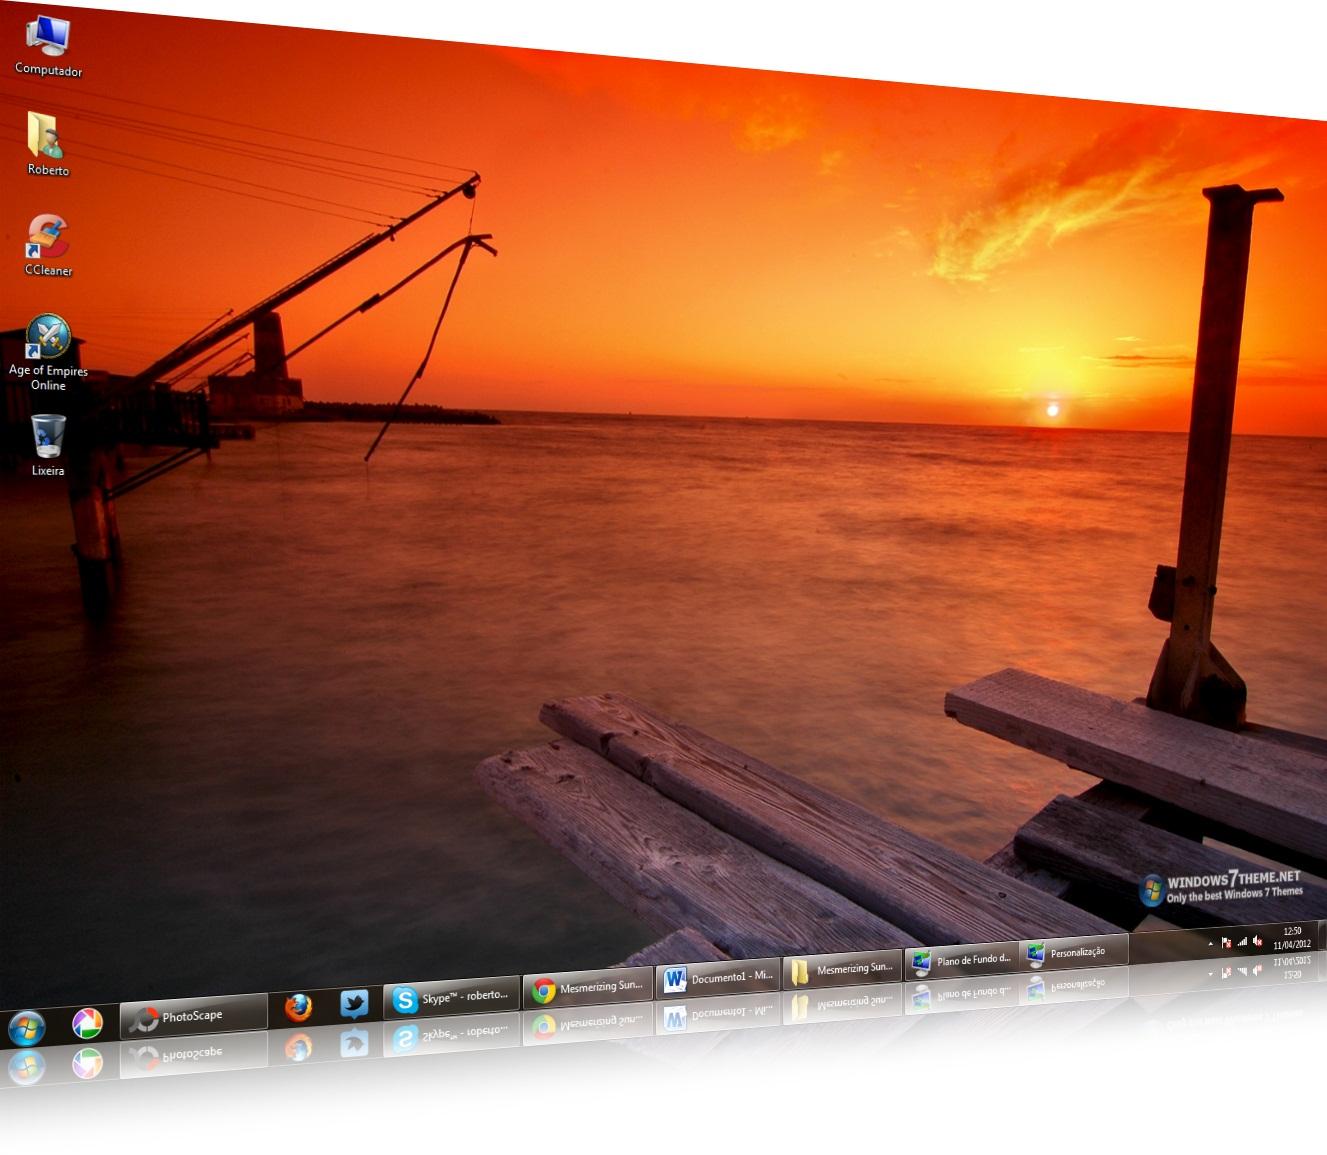 Mesmerizing Sunsets Windows 7 Theme - Imagem 1 do software